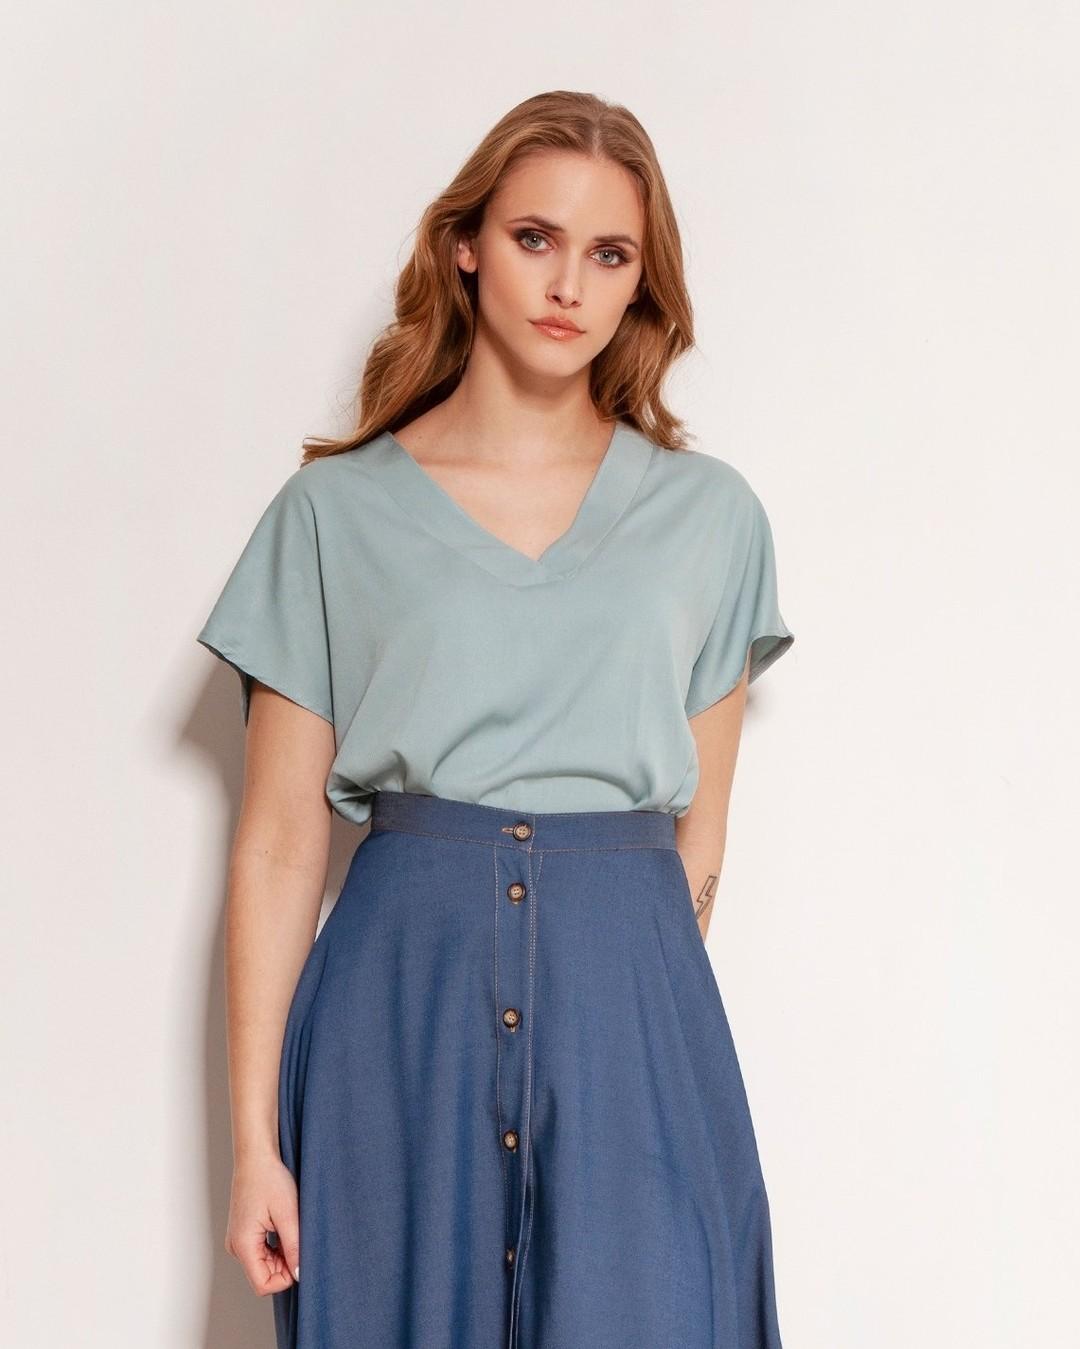 Co takiego ma w sobie jeans, że wciąż i wciąż po niego sięgamy? Ograny już na miliony sposobów wciąż zachwyca swoją surowością. A my? My kochamy go w wersji kobiecej. #spódnica #jeansowaspódnica #moda #styl #galeria #polishgirl #wyprzedaż #fashion #shopping #ubrania #ootd #nowakolekcja #polskadziewczyna #style #stylizacja #shopper #butik #skirt #bluzka #zakupy #spodnica #wiosna #polskamoda #womanclothing #sklep #stylovepolki #outfit #polska #stylishwoman #modni